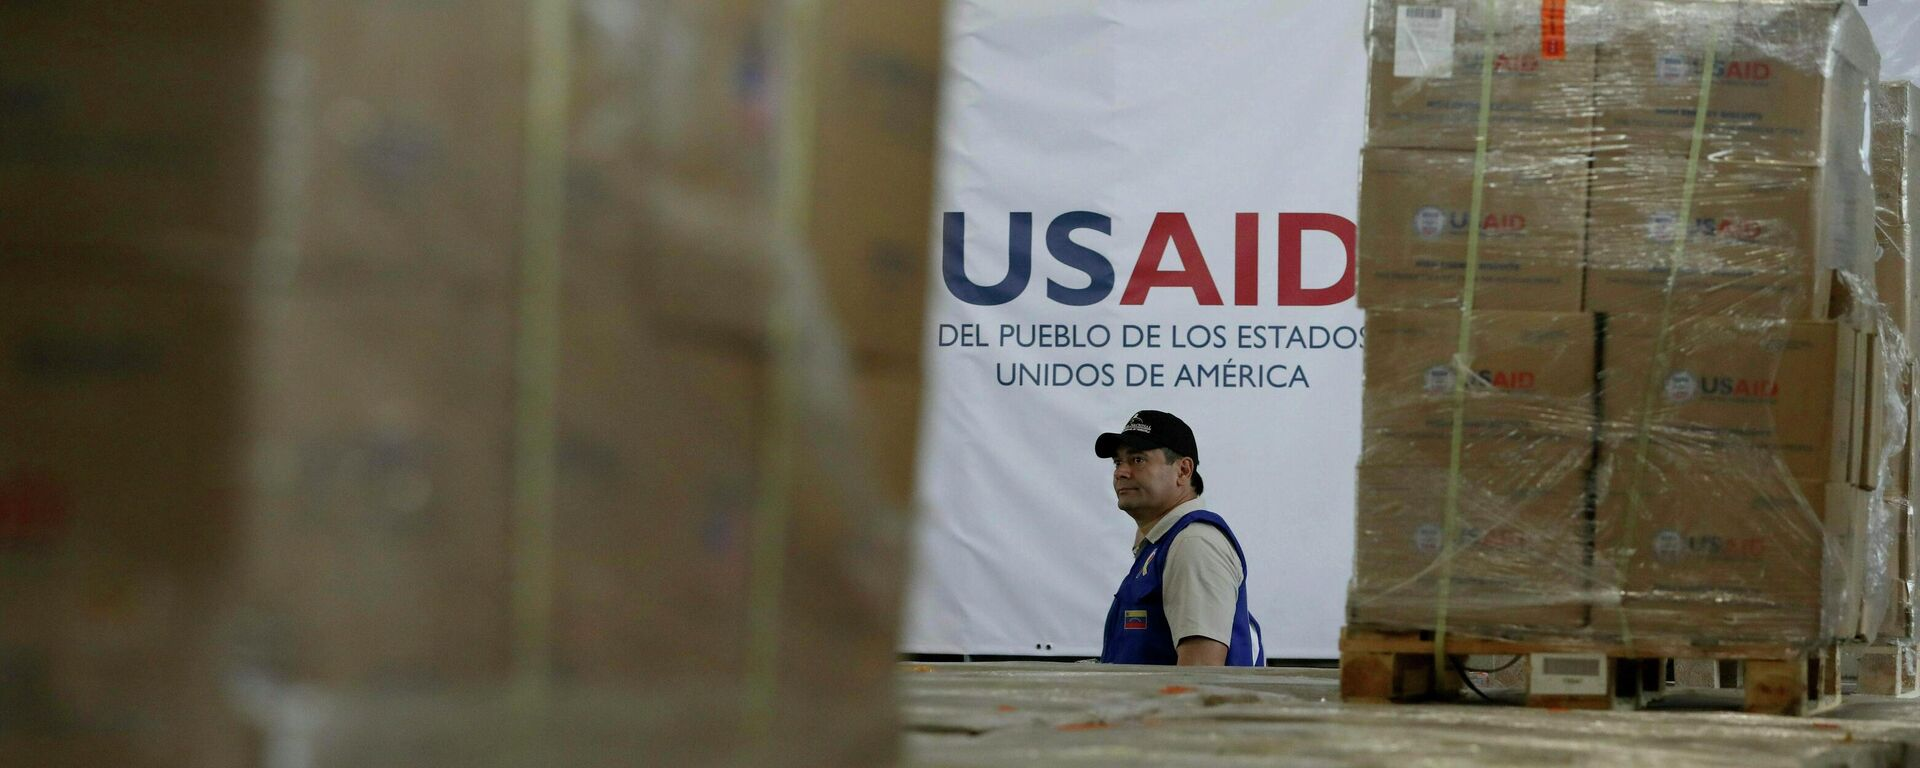 Ayuda humanitaria de USAID - Sputnik Mundo, 1920, 30.04.2021